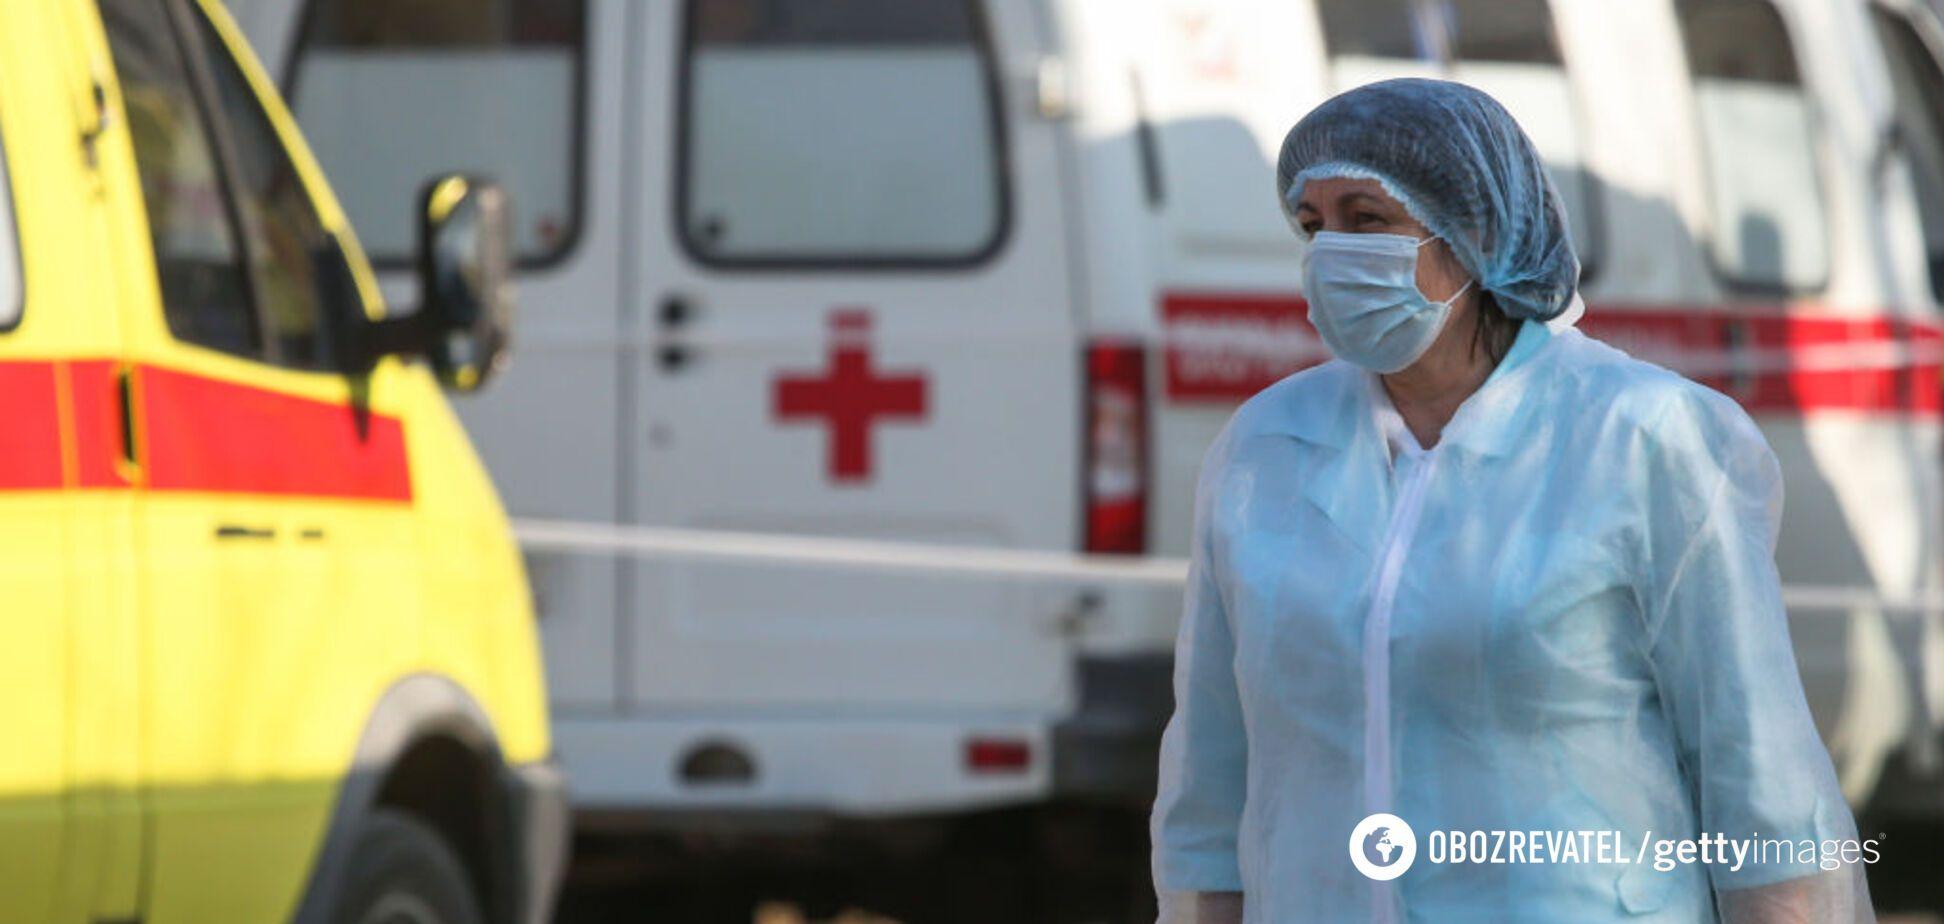 Угроза 'усиленной вспышки': журналист указал на 'прокол' Минздрава с коронавирусом в Украине